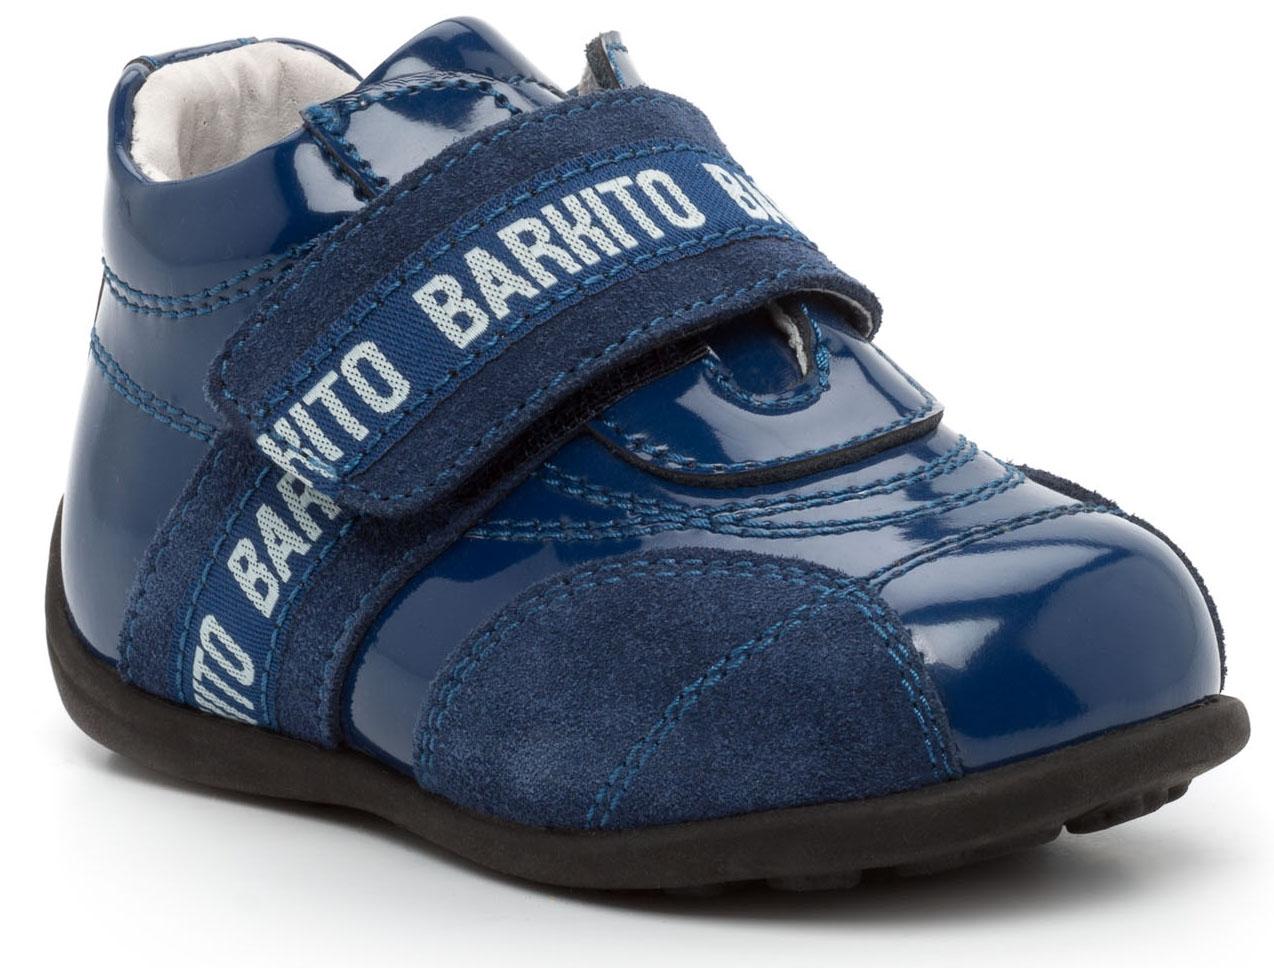 Ботинки и полуботинки Barkito Полуботинки для мальчика Barkito, темно-синие цены онлайн